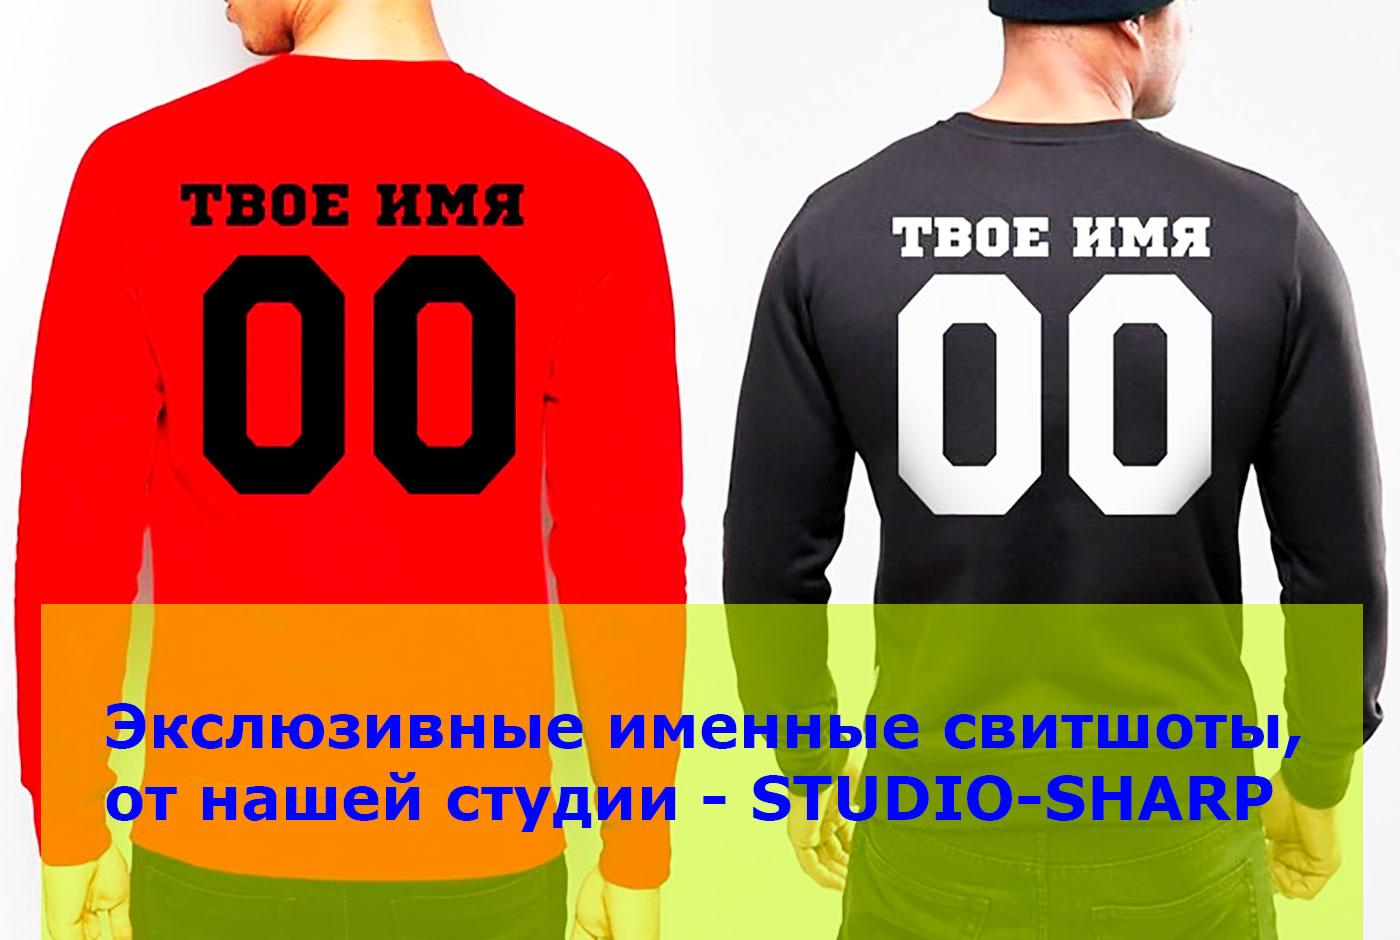 Именной свитшот на заказ в Москве на Таганской за 1390 р.